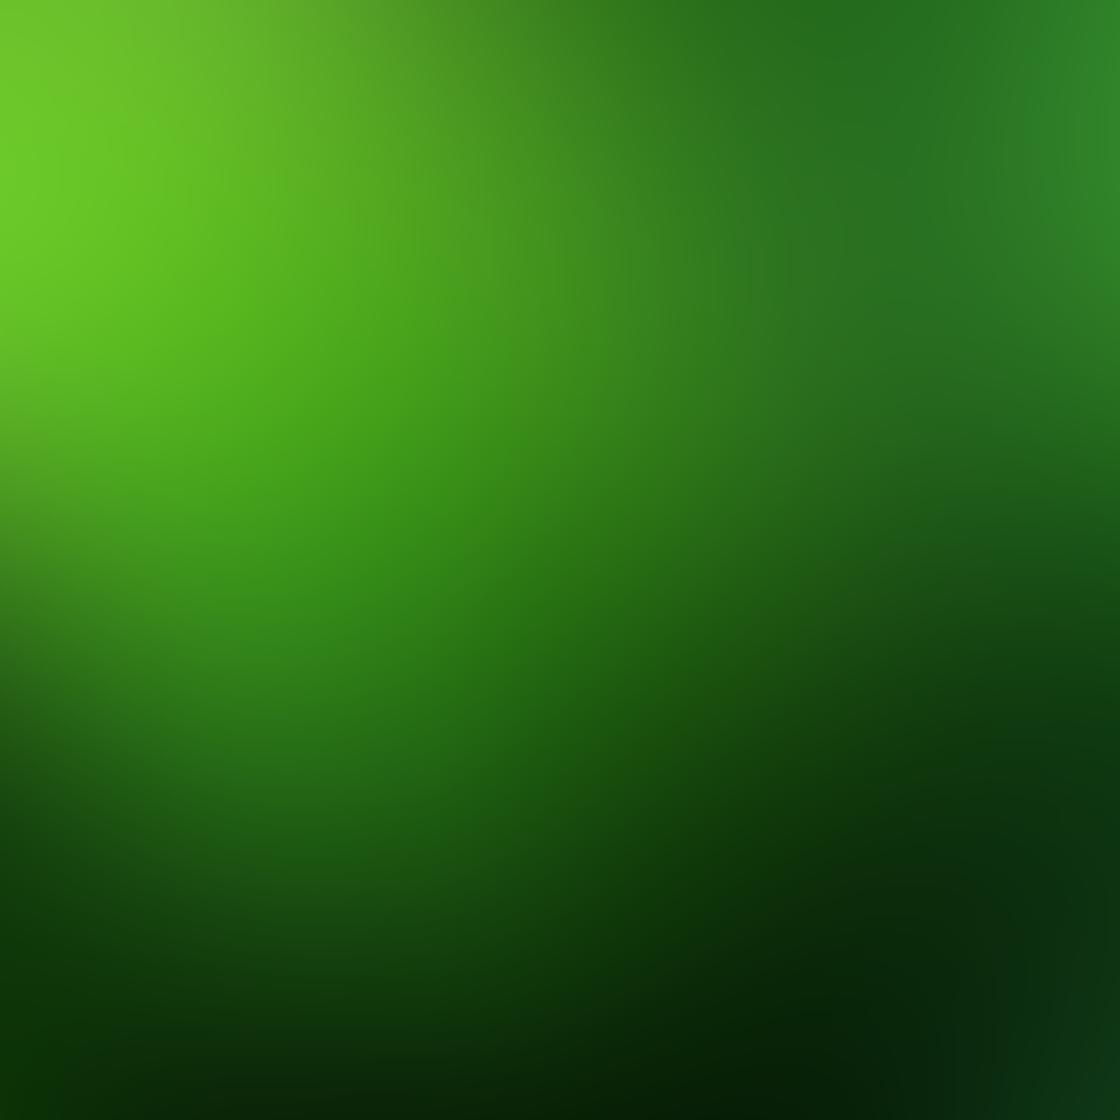 green_iphone_photos-22